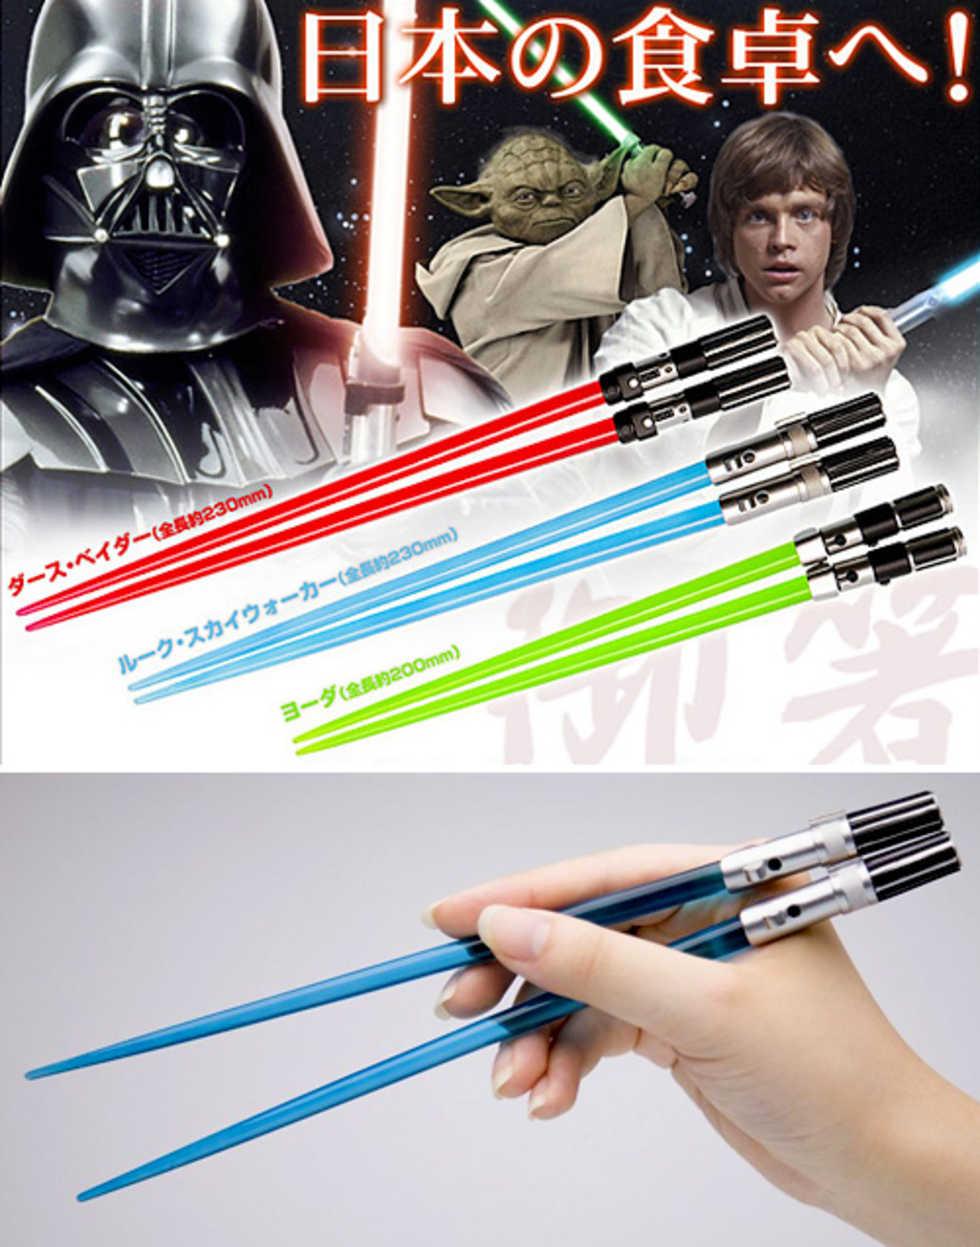 Star Wars-ätpinnar